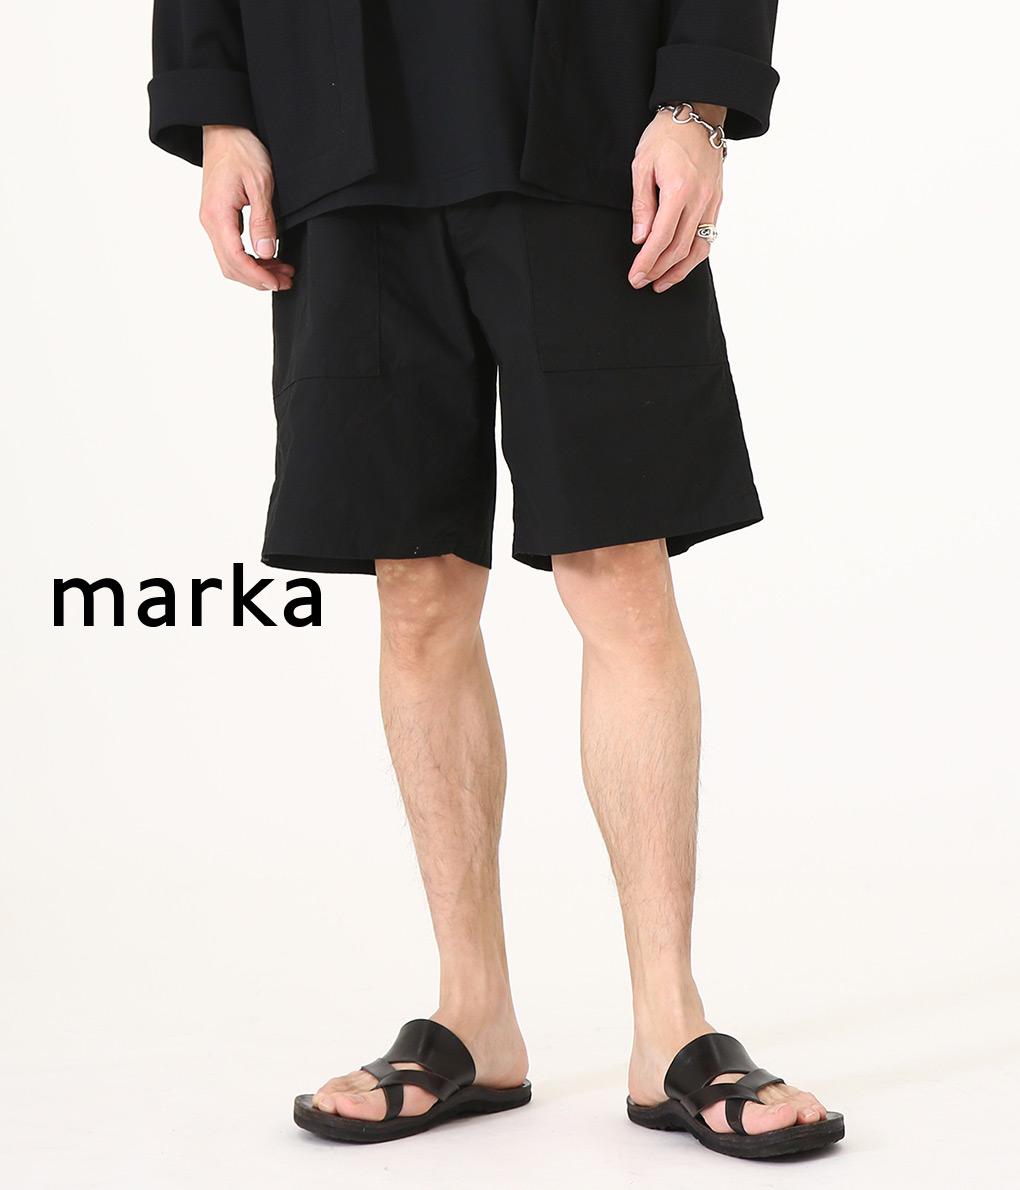 ■【予約商品 2020年5月~6月入荷予定】marka / マーカ : MILITARY SHORTS / 全2色 : マーカ ミリタリーショーツ ショーツ メンズ : M20B-08PT01B 【COR】【WIS】